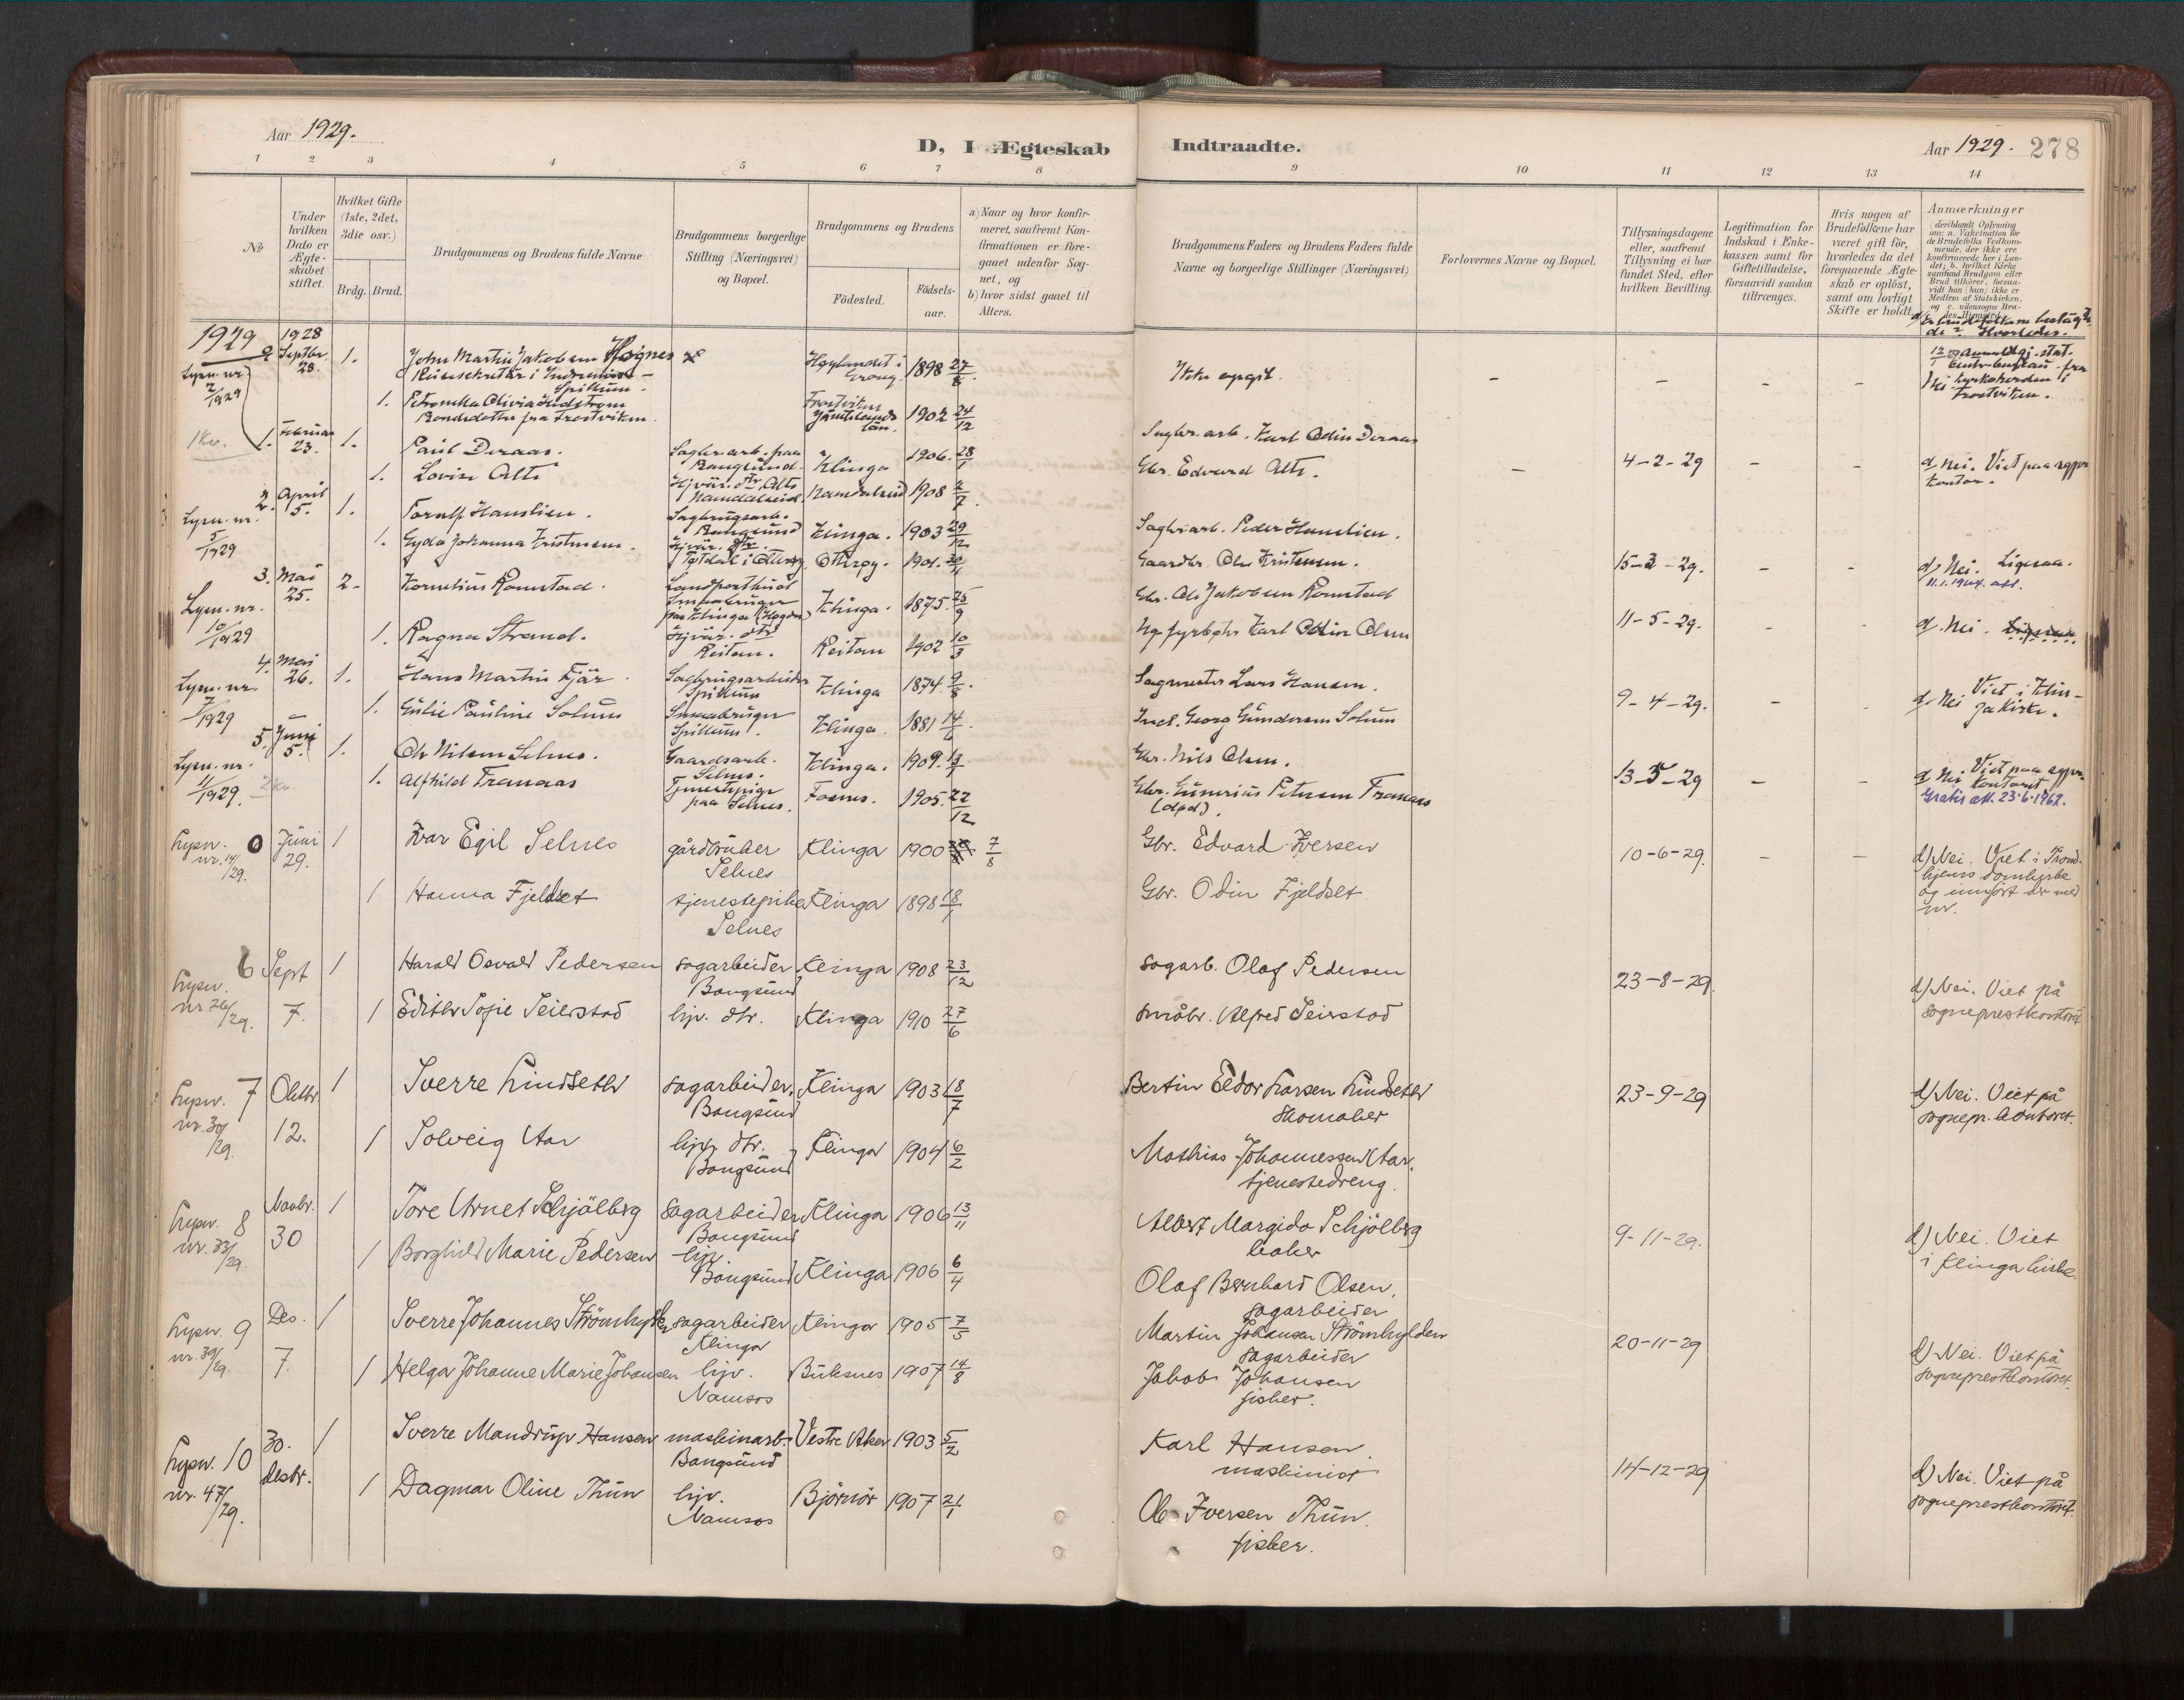 SAT, Ministerialprotokoller, klokkerbøker og fødselsregistre - Nord-Trøndelag, 770/L0589: Ministerialbok nr. 770A03, 1887-1929, s. 278